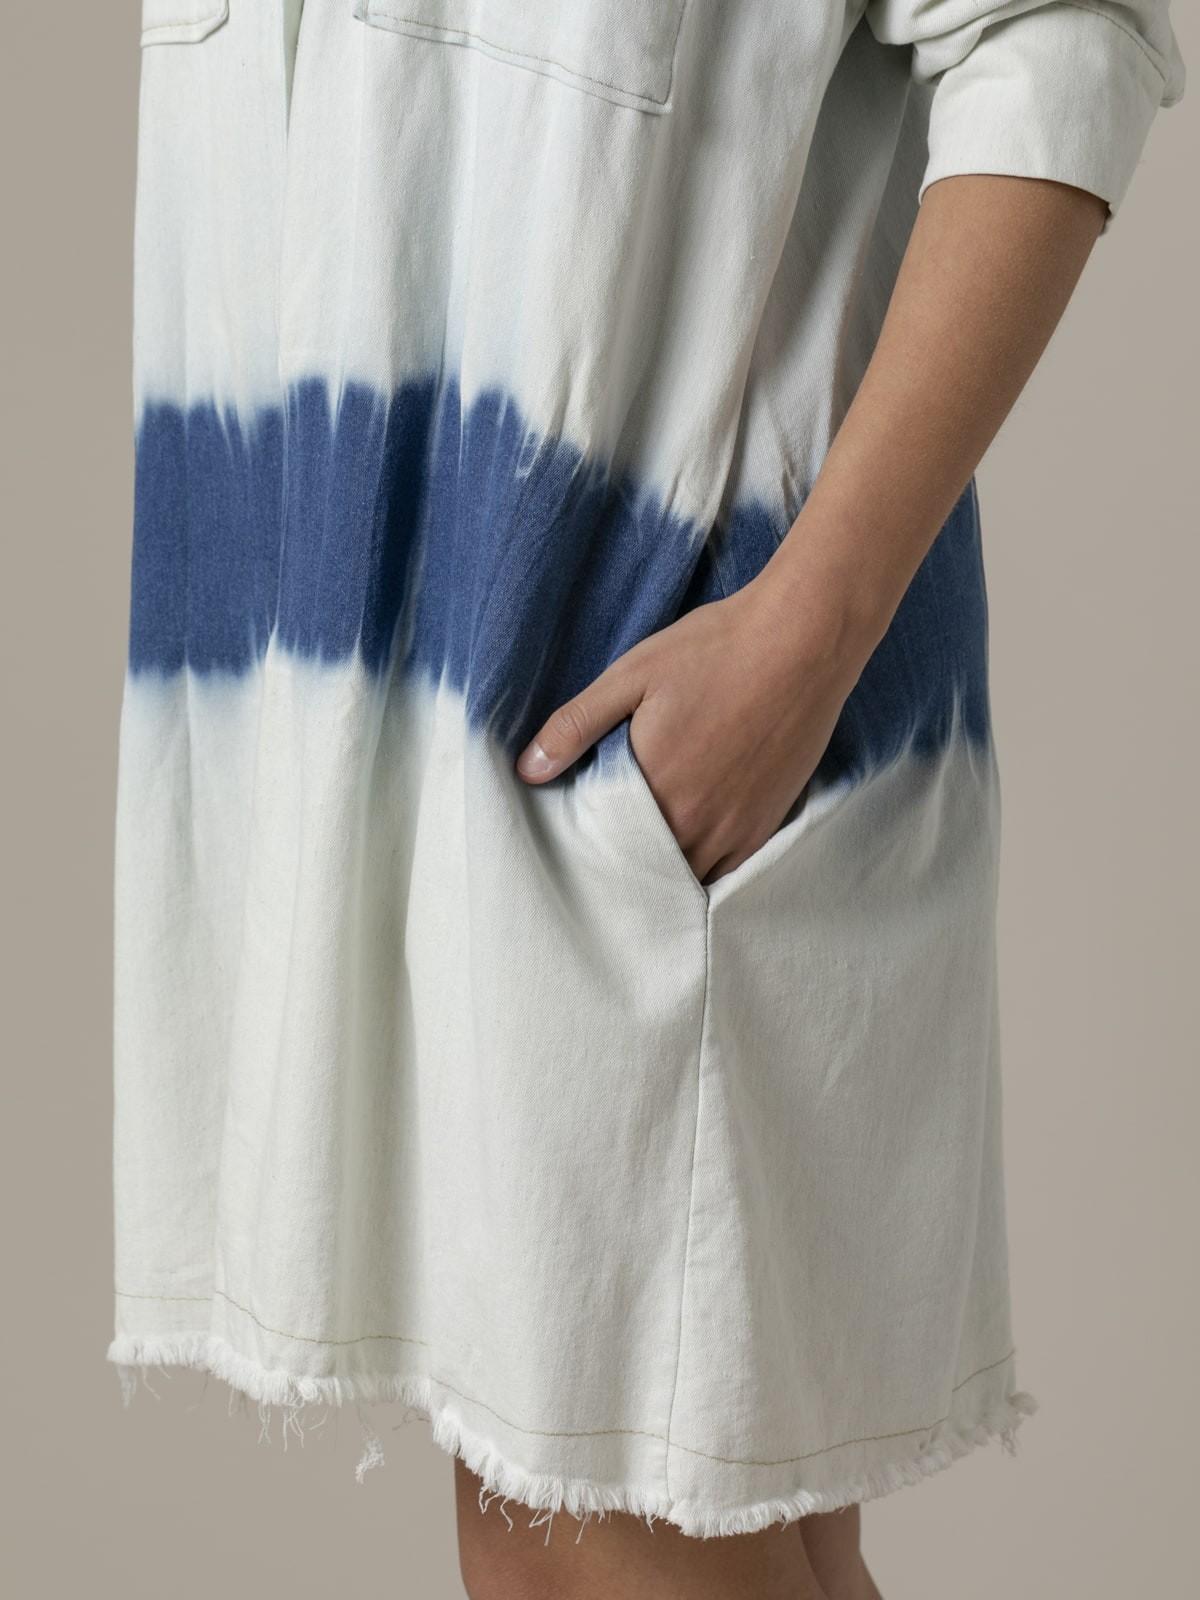 Chaqueta mujer corte vaquero tie dye Azul